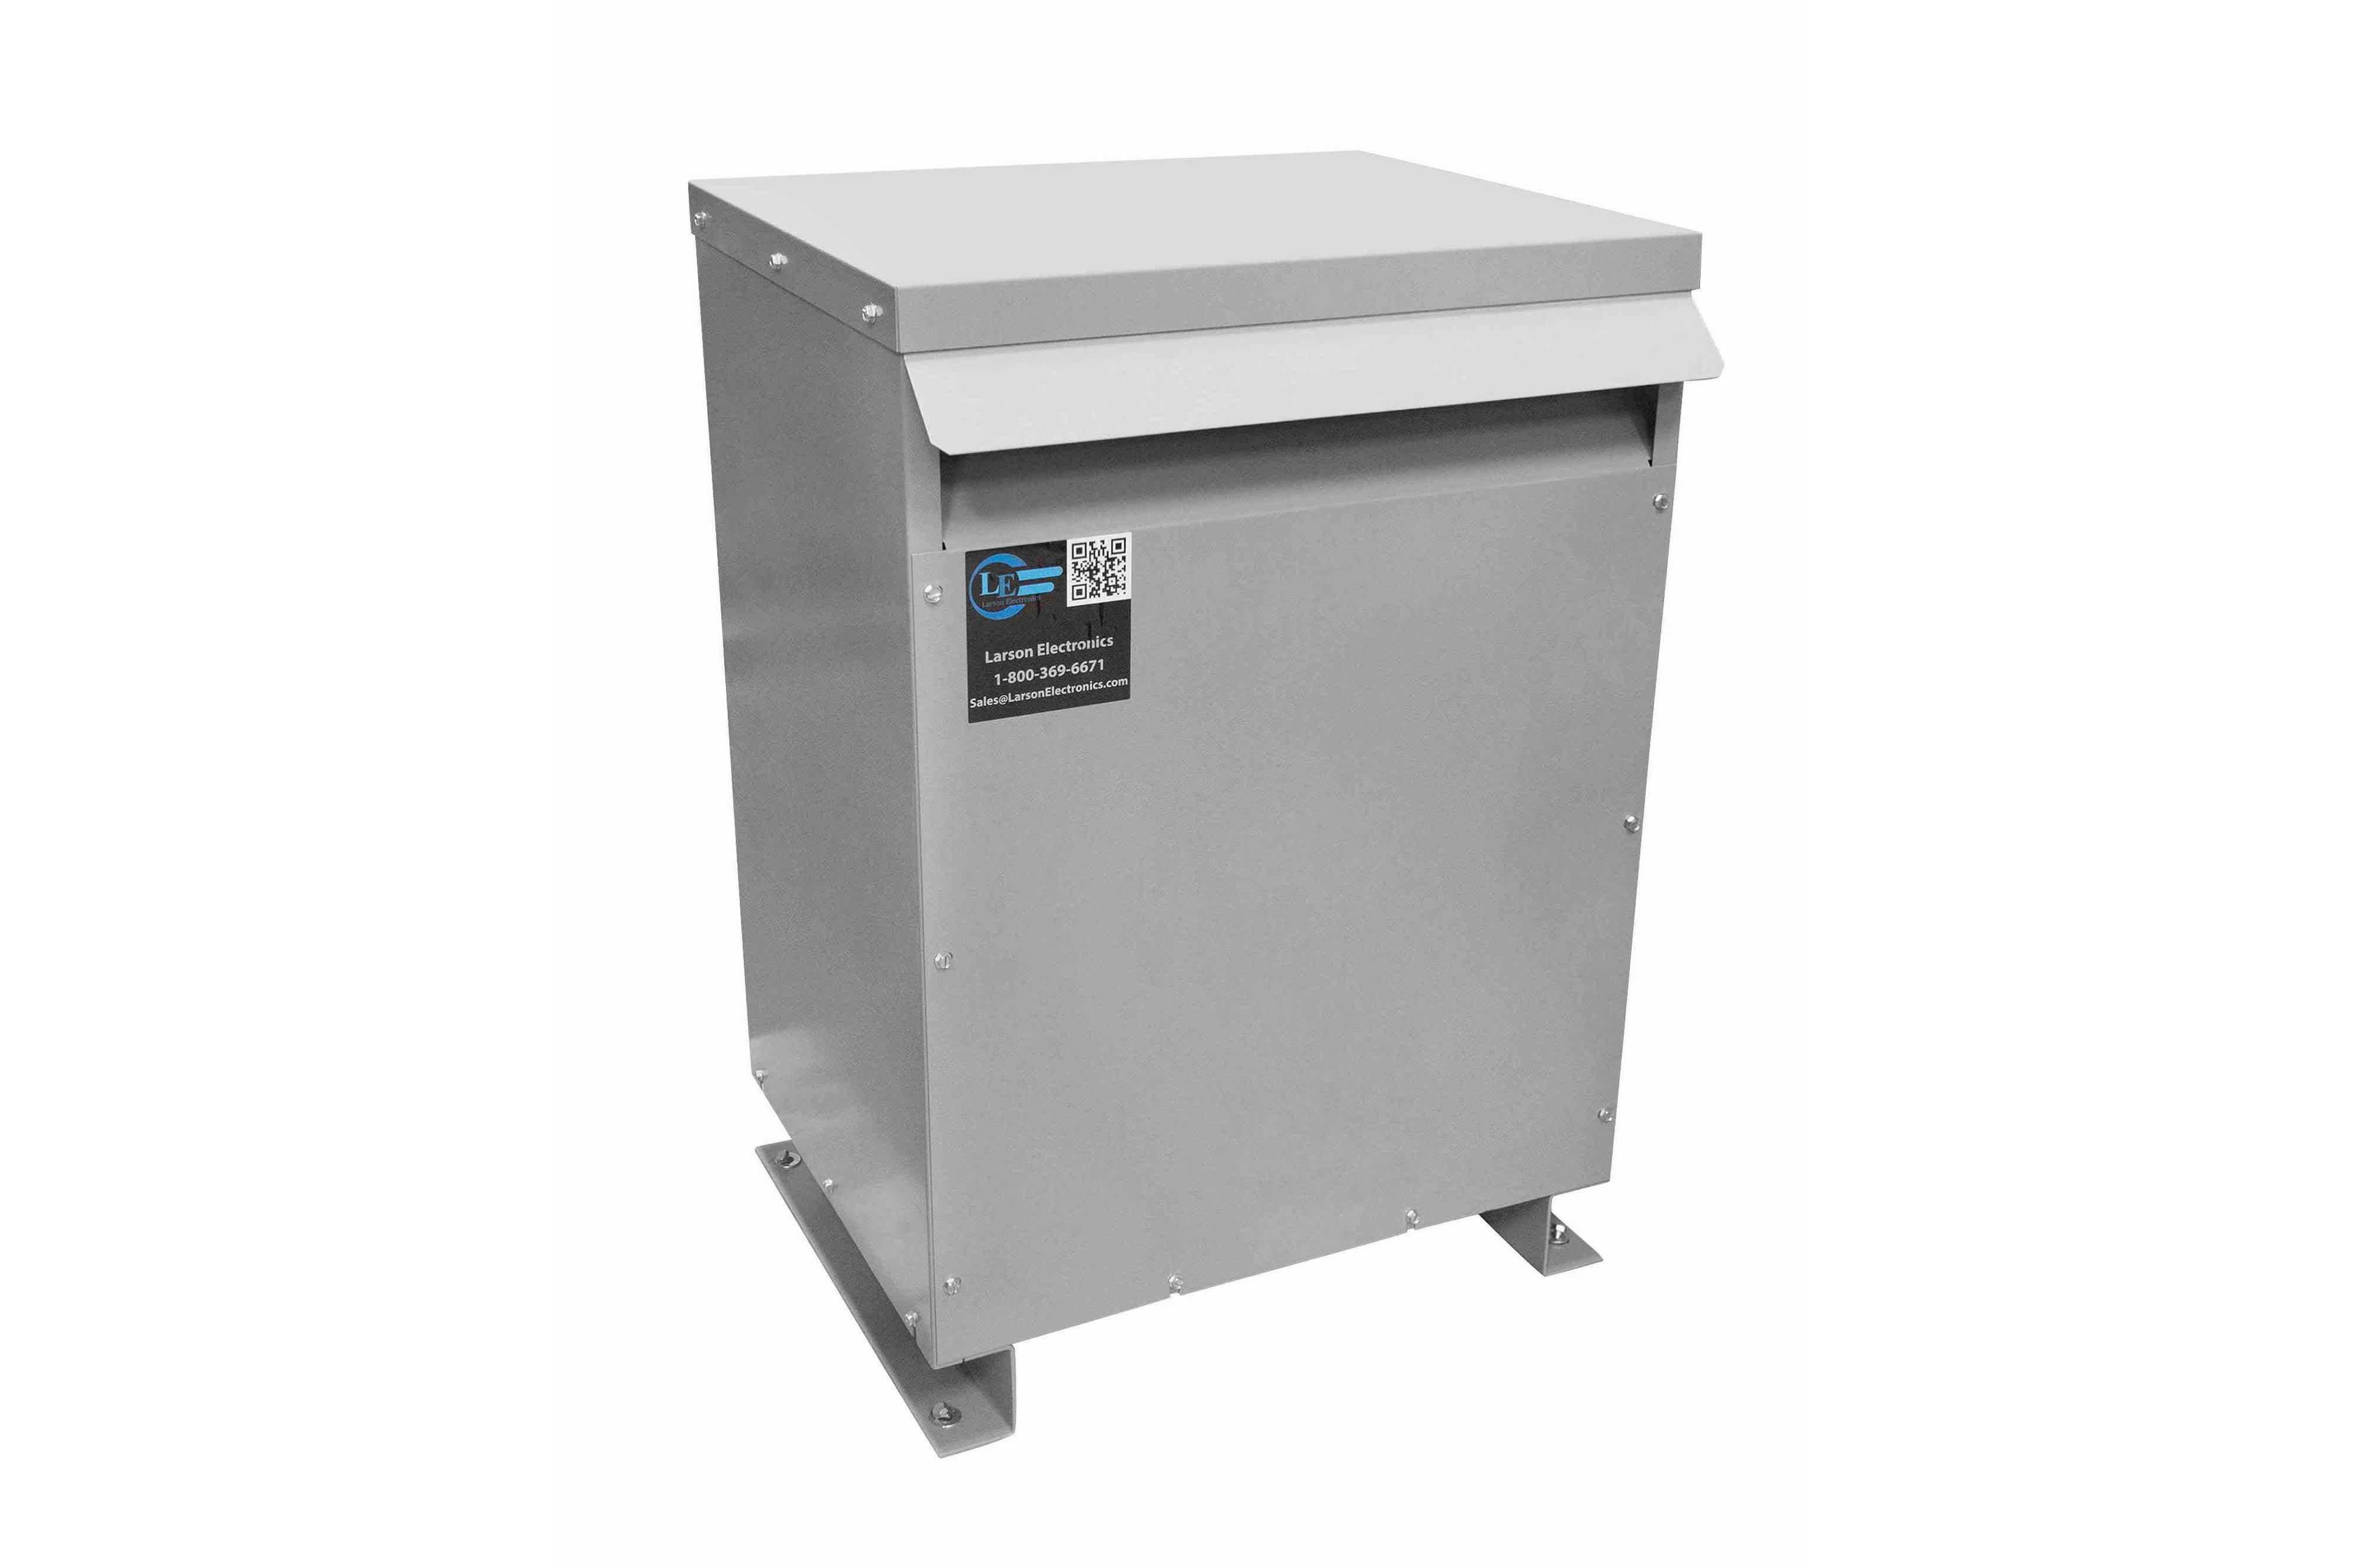 150 kVA 3PH DOE Transformer, 575V Delta Primary, 240V/120 Delta Secondary, N3R, Ventilated, 60 Hz